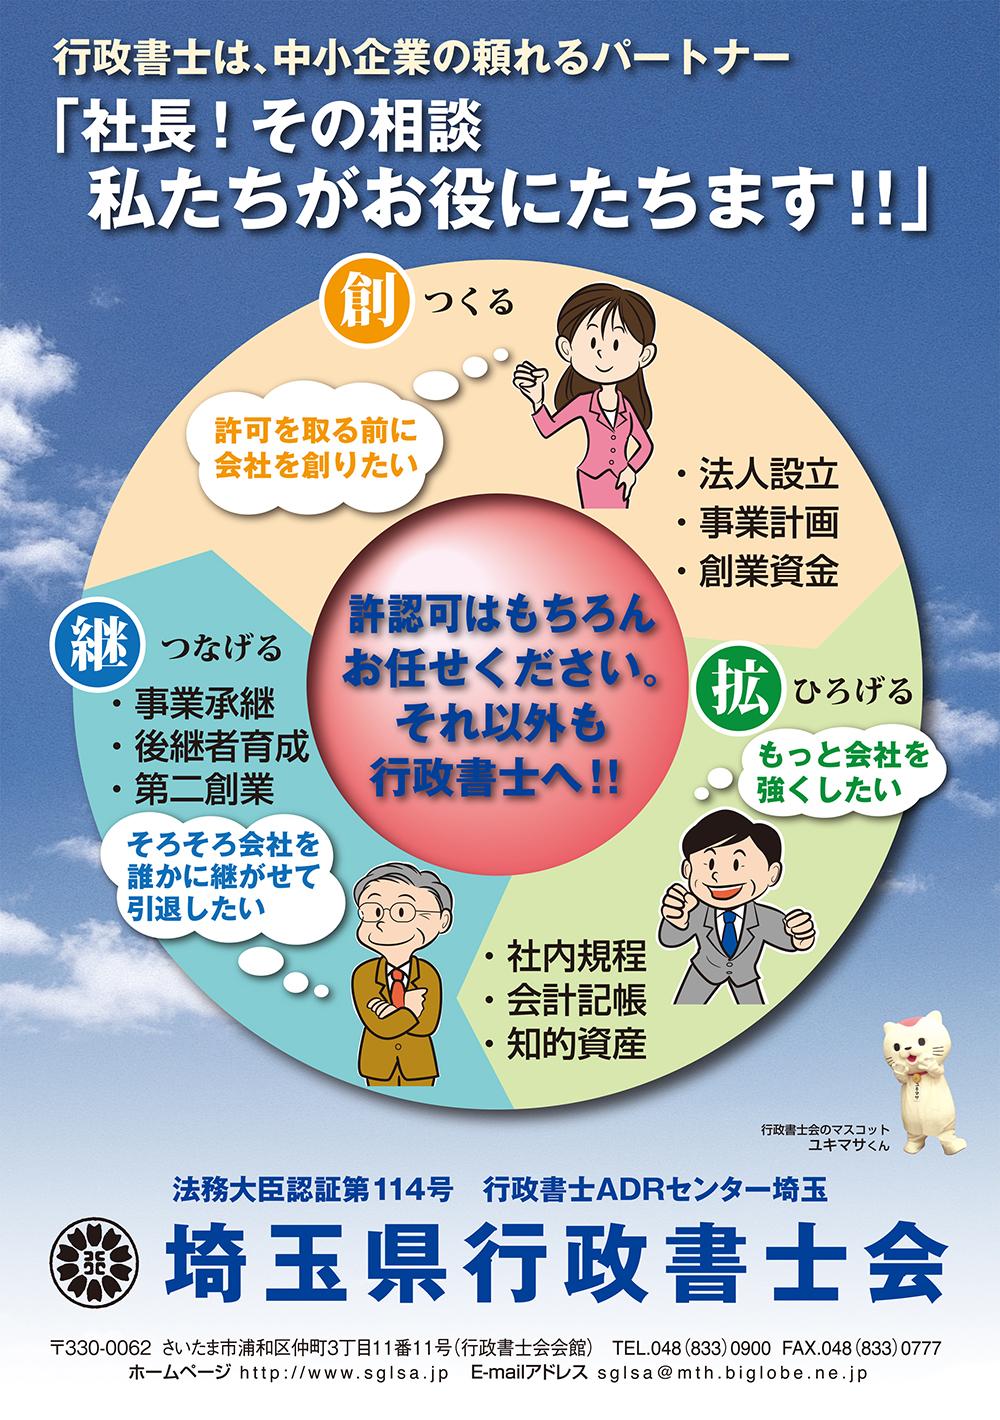 更新 埼玉 コロナ 免許 県